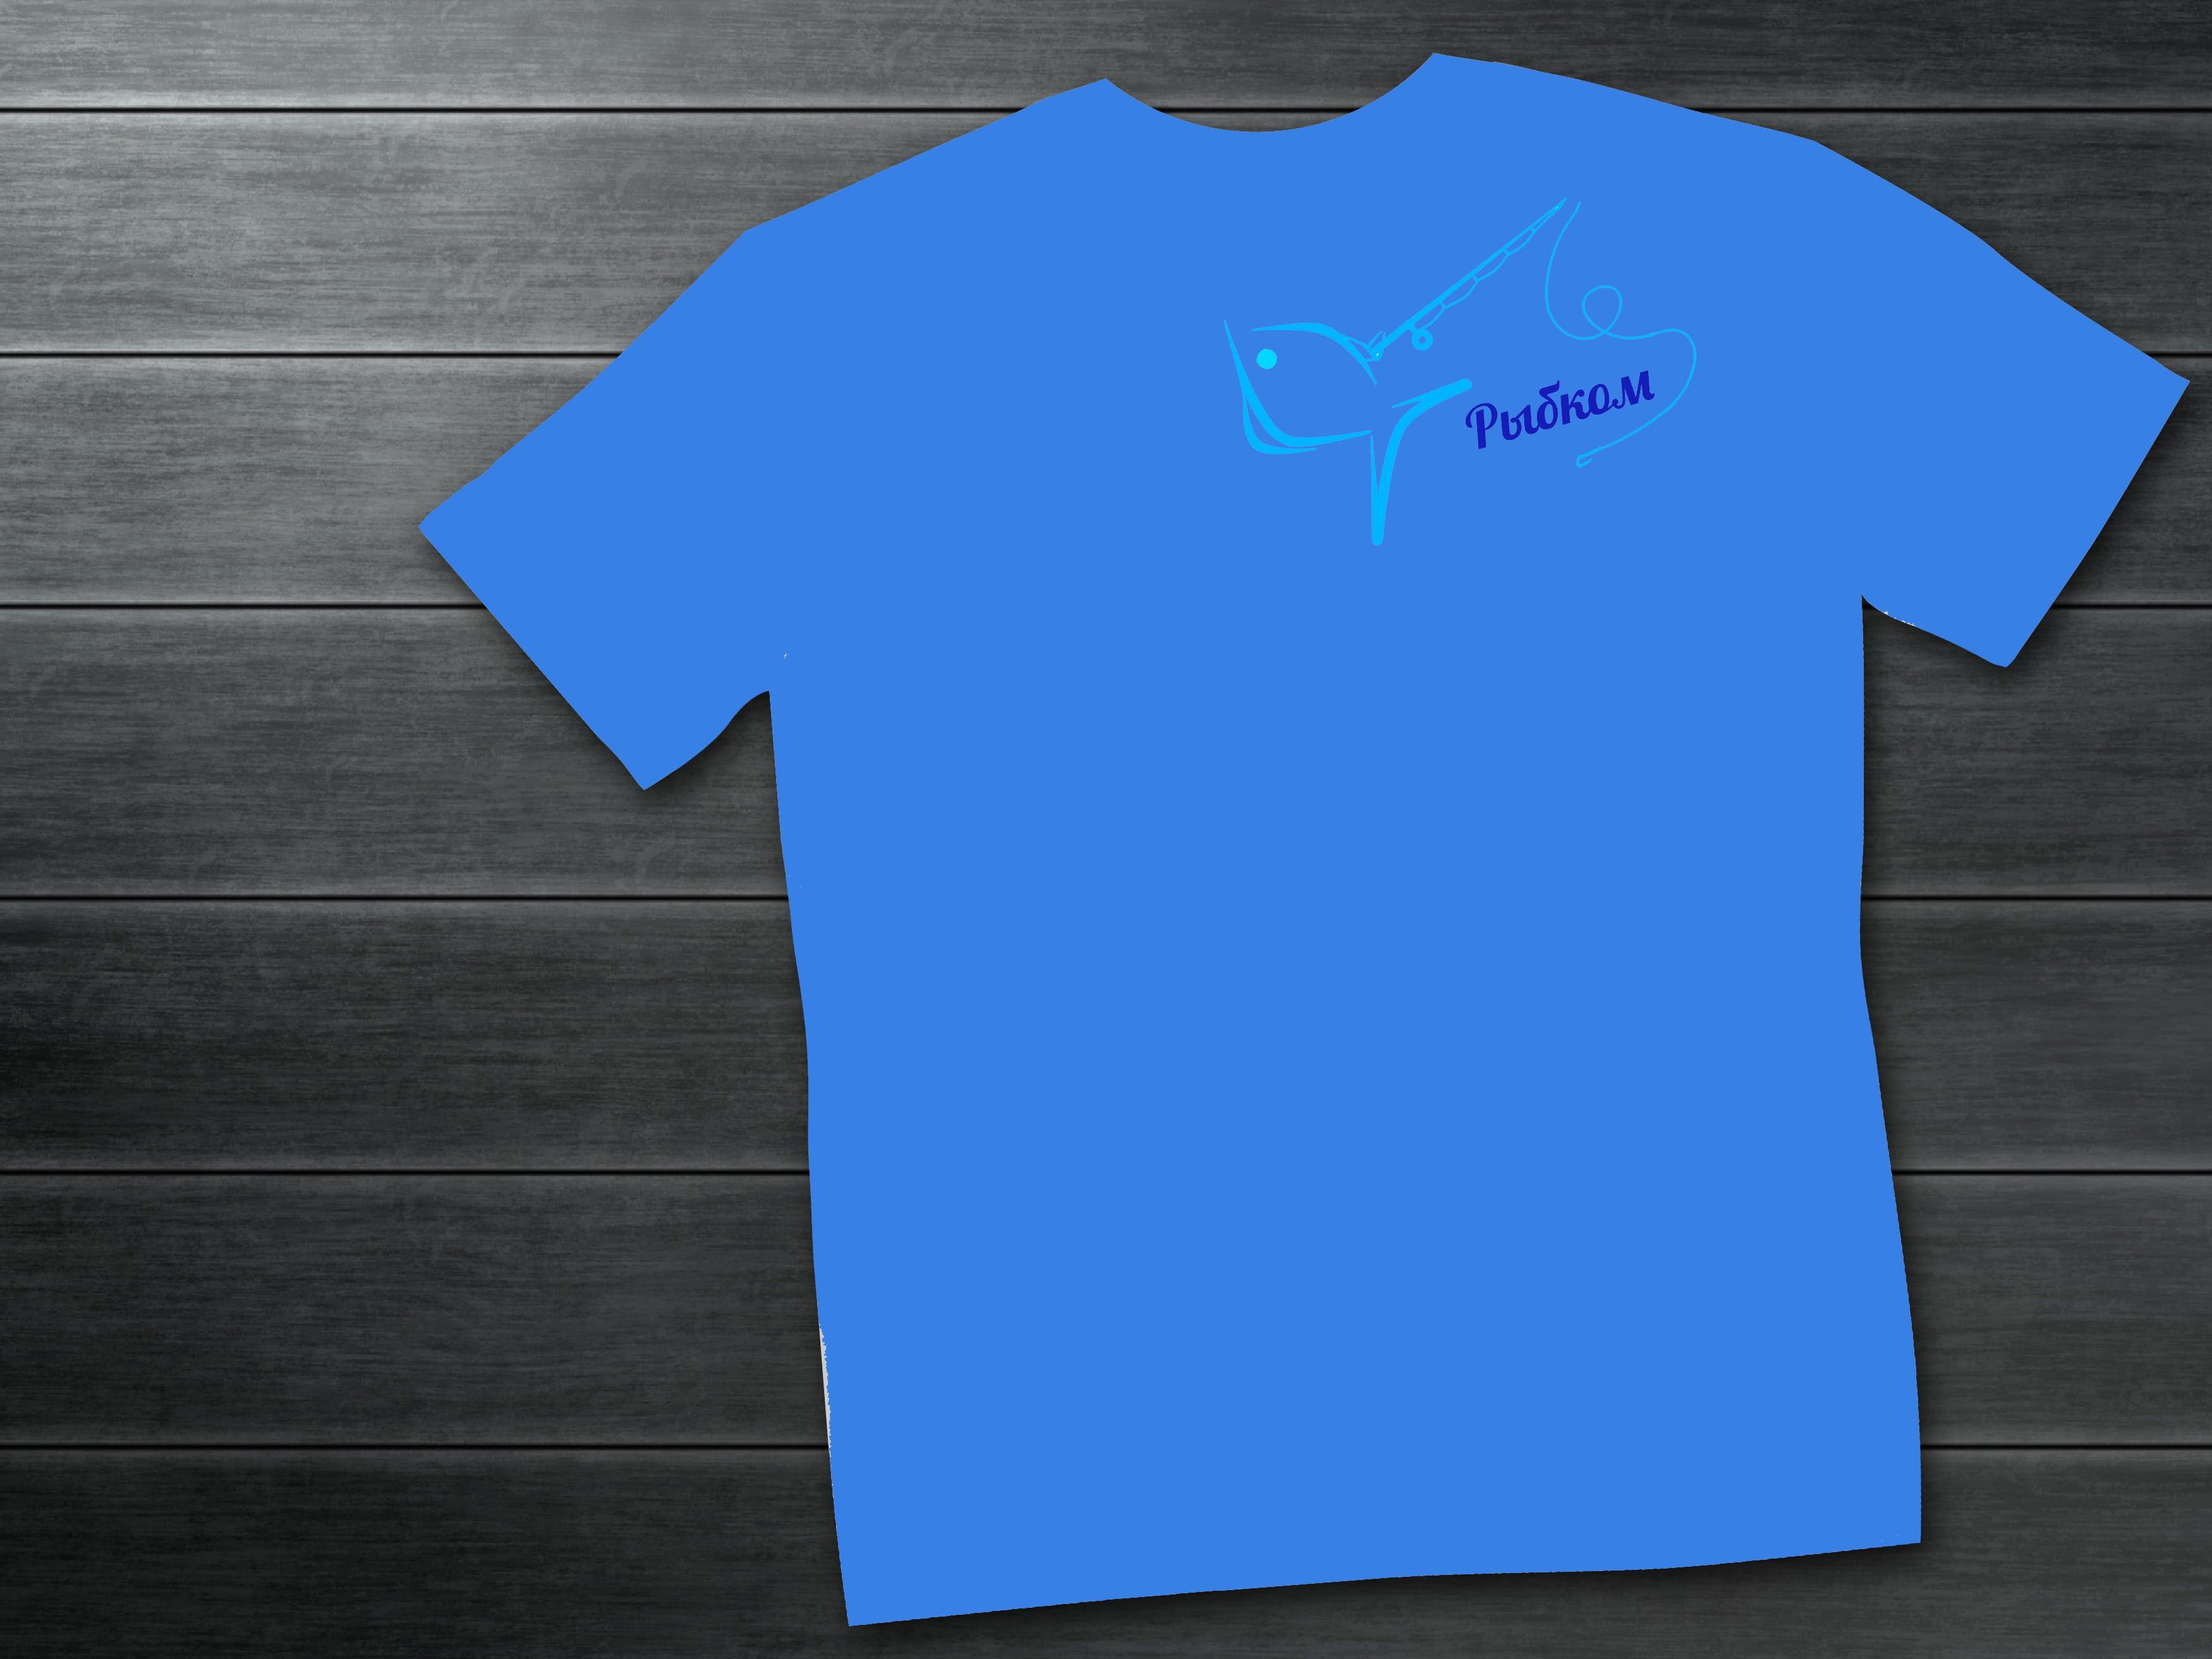 Создание логотипа и брэндбука для компании РЫБКОМ фото f_4865c0d530ce9557.jpg